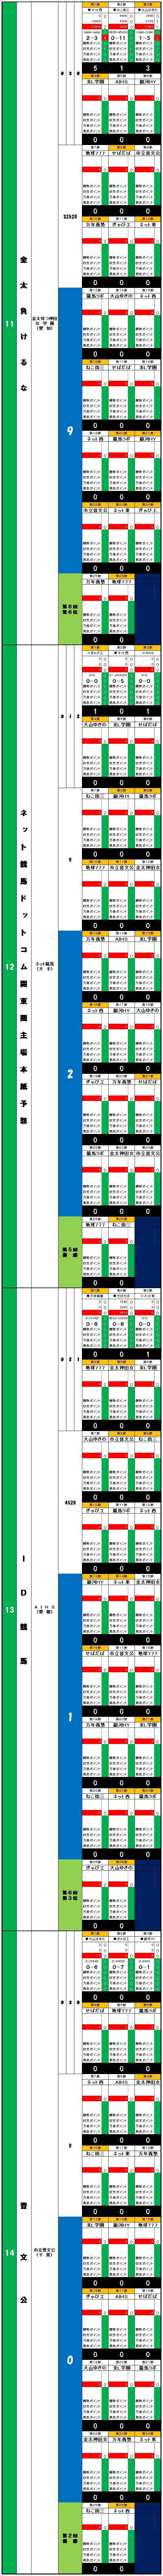 20150802・ダルマンリーグ第3節後半終了個人成績データ③.jpg